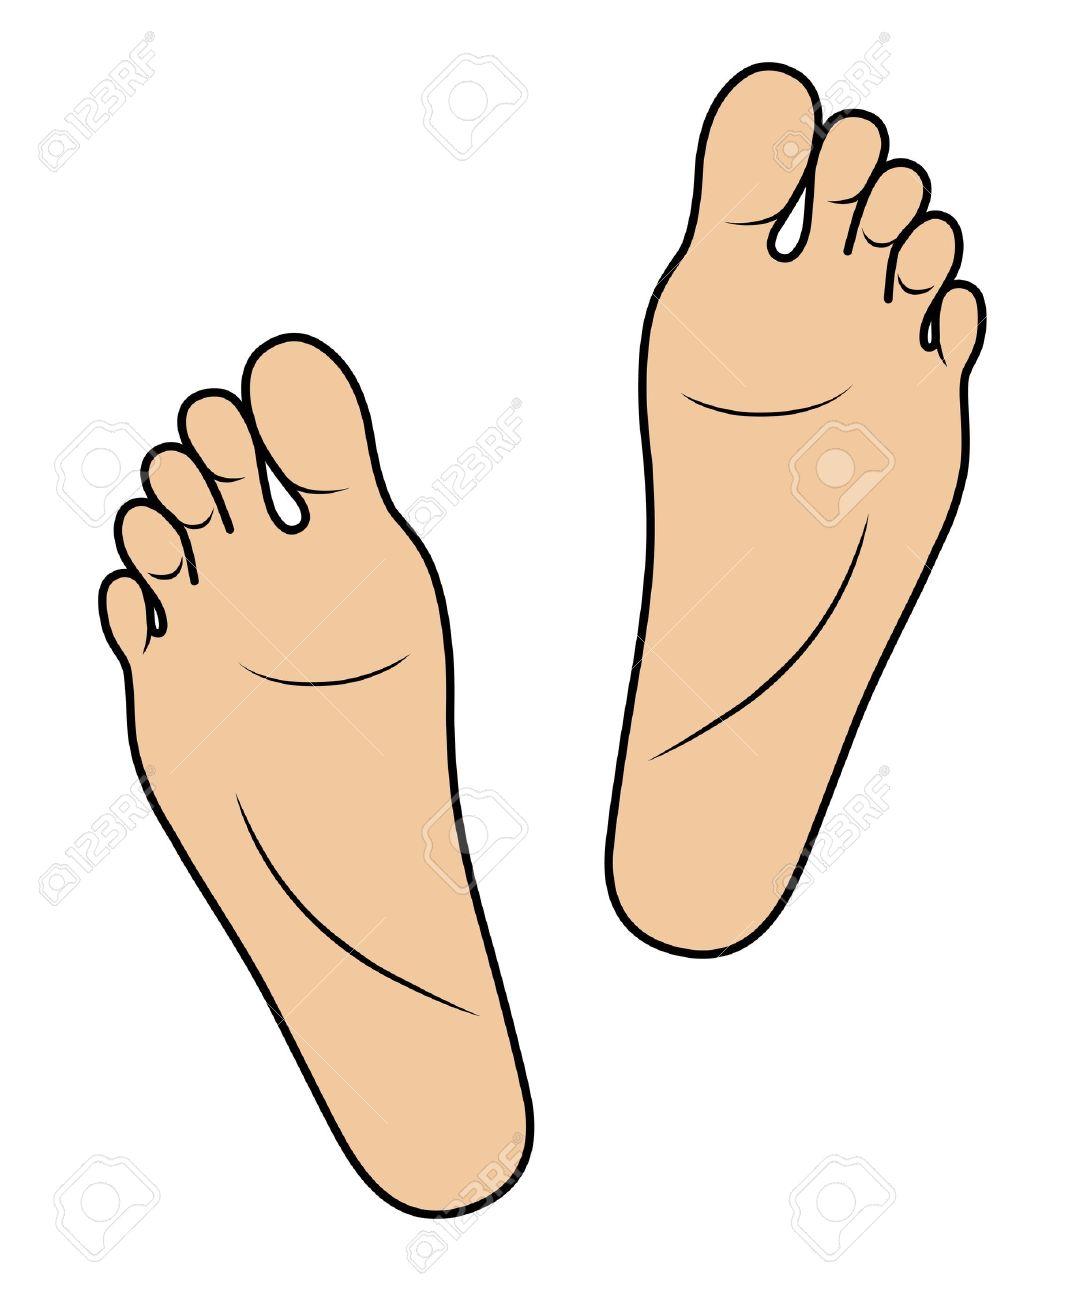 1074x1300 Clipart Feet